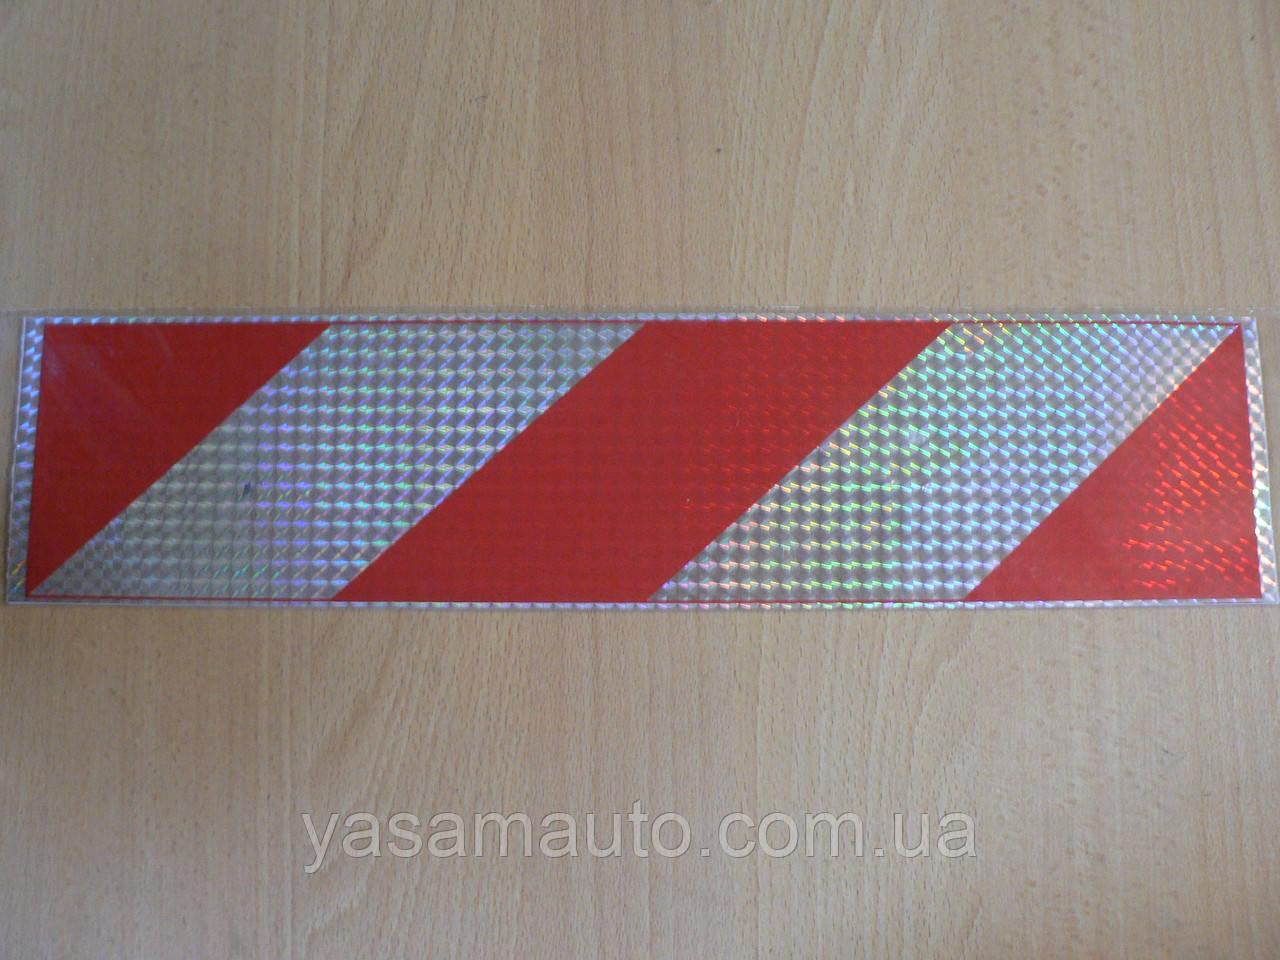 Наклейка п4 Наклейки светоотражающие полосатые 405х92мм набор 2шт в пакетике на авто отражатель зебра катафот